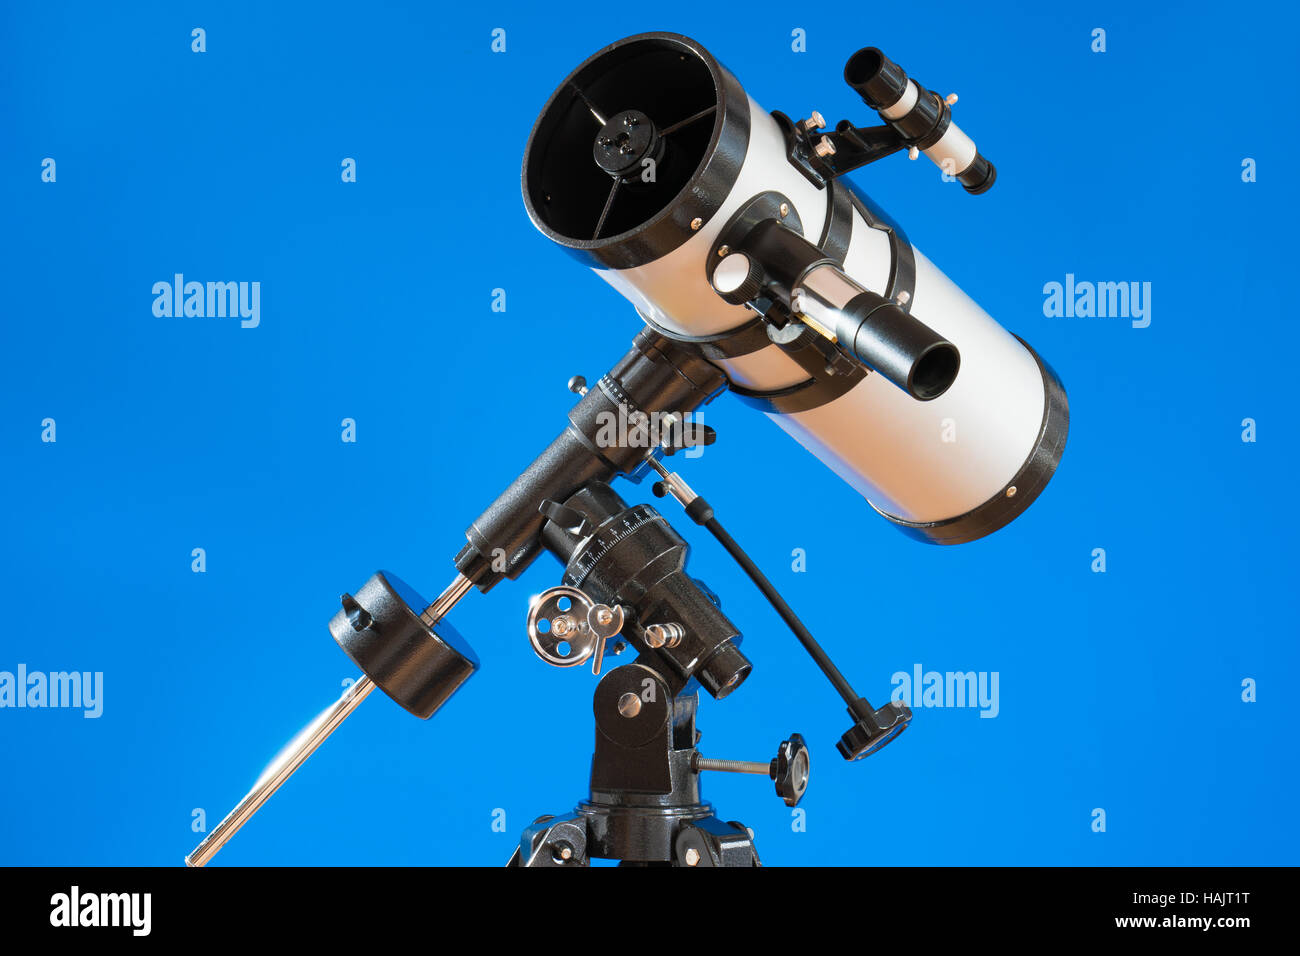 Amateur teleskop für astronomische beobachtungen stockfoto bild